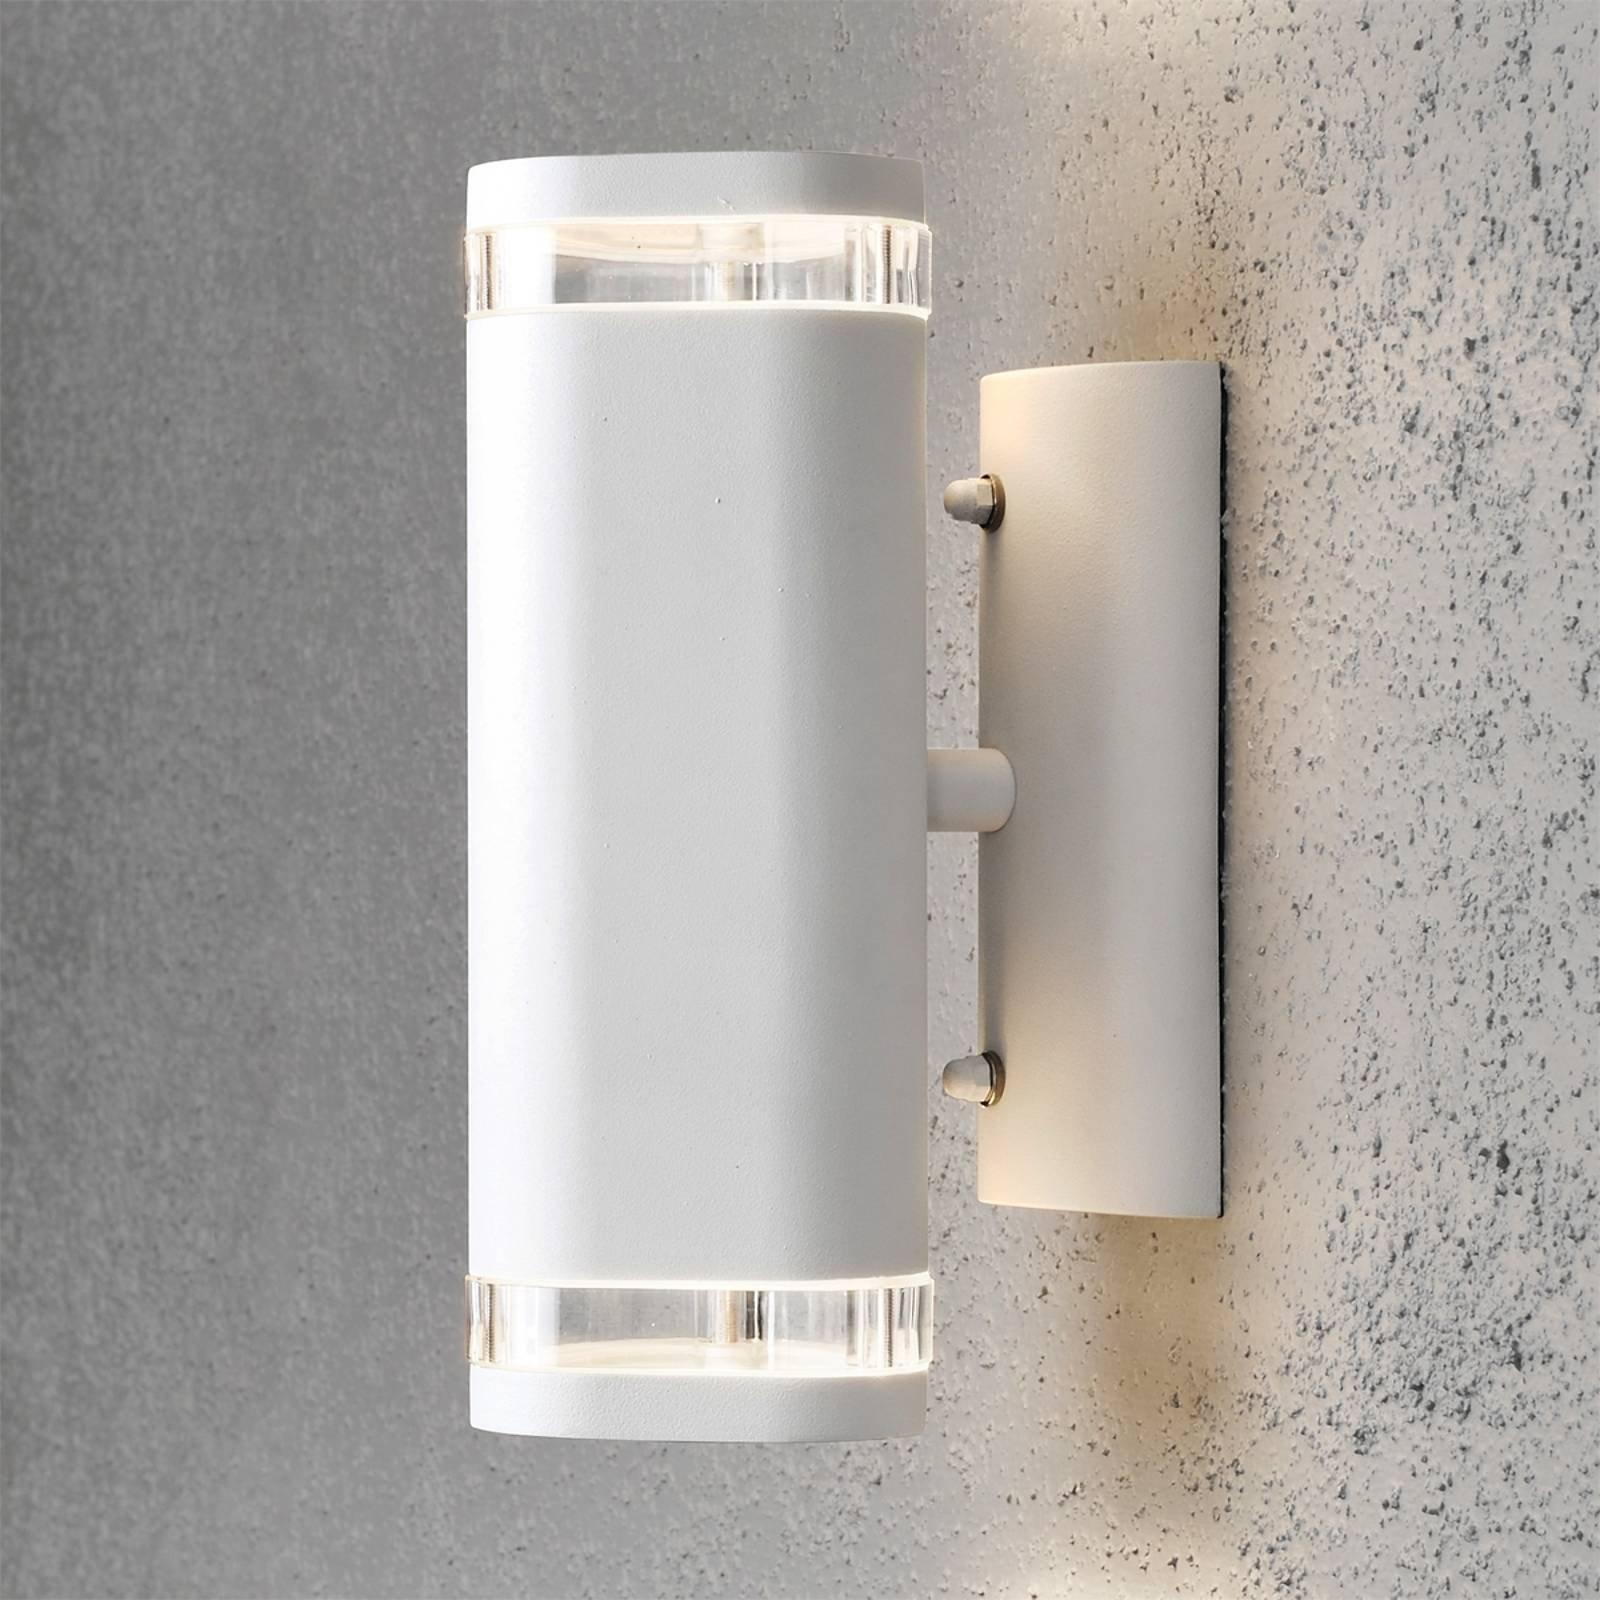 Utendørs vegglampe Modena 2 lyskilder hvit